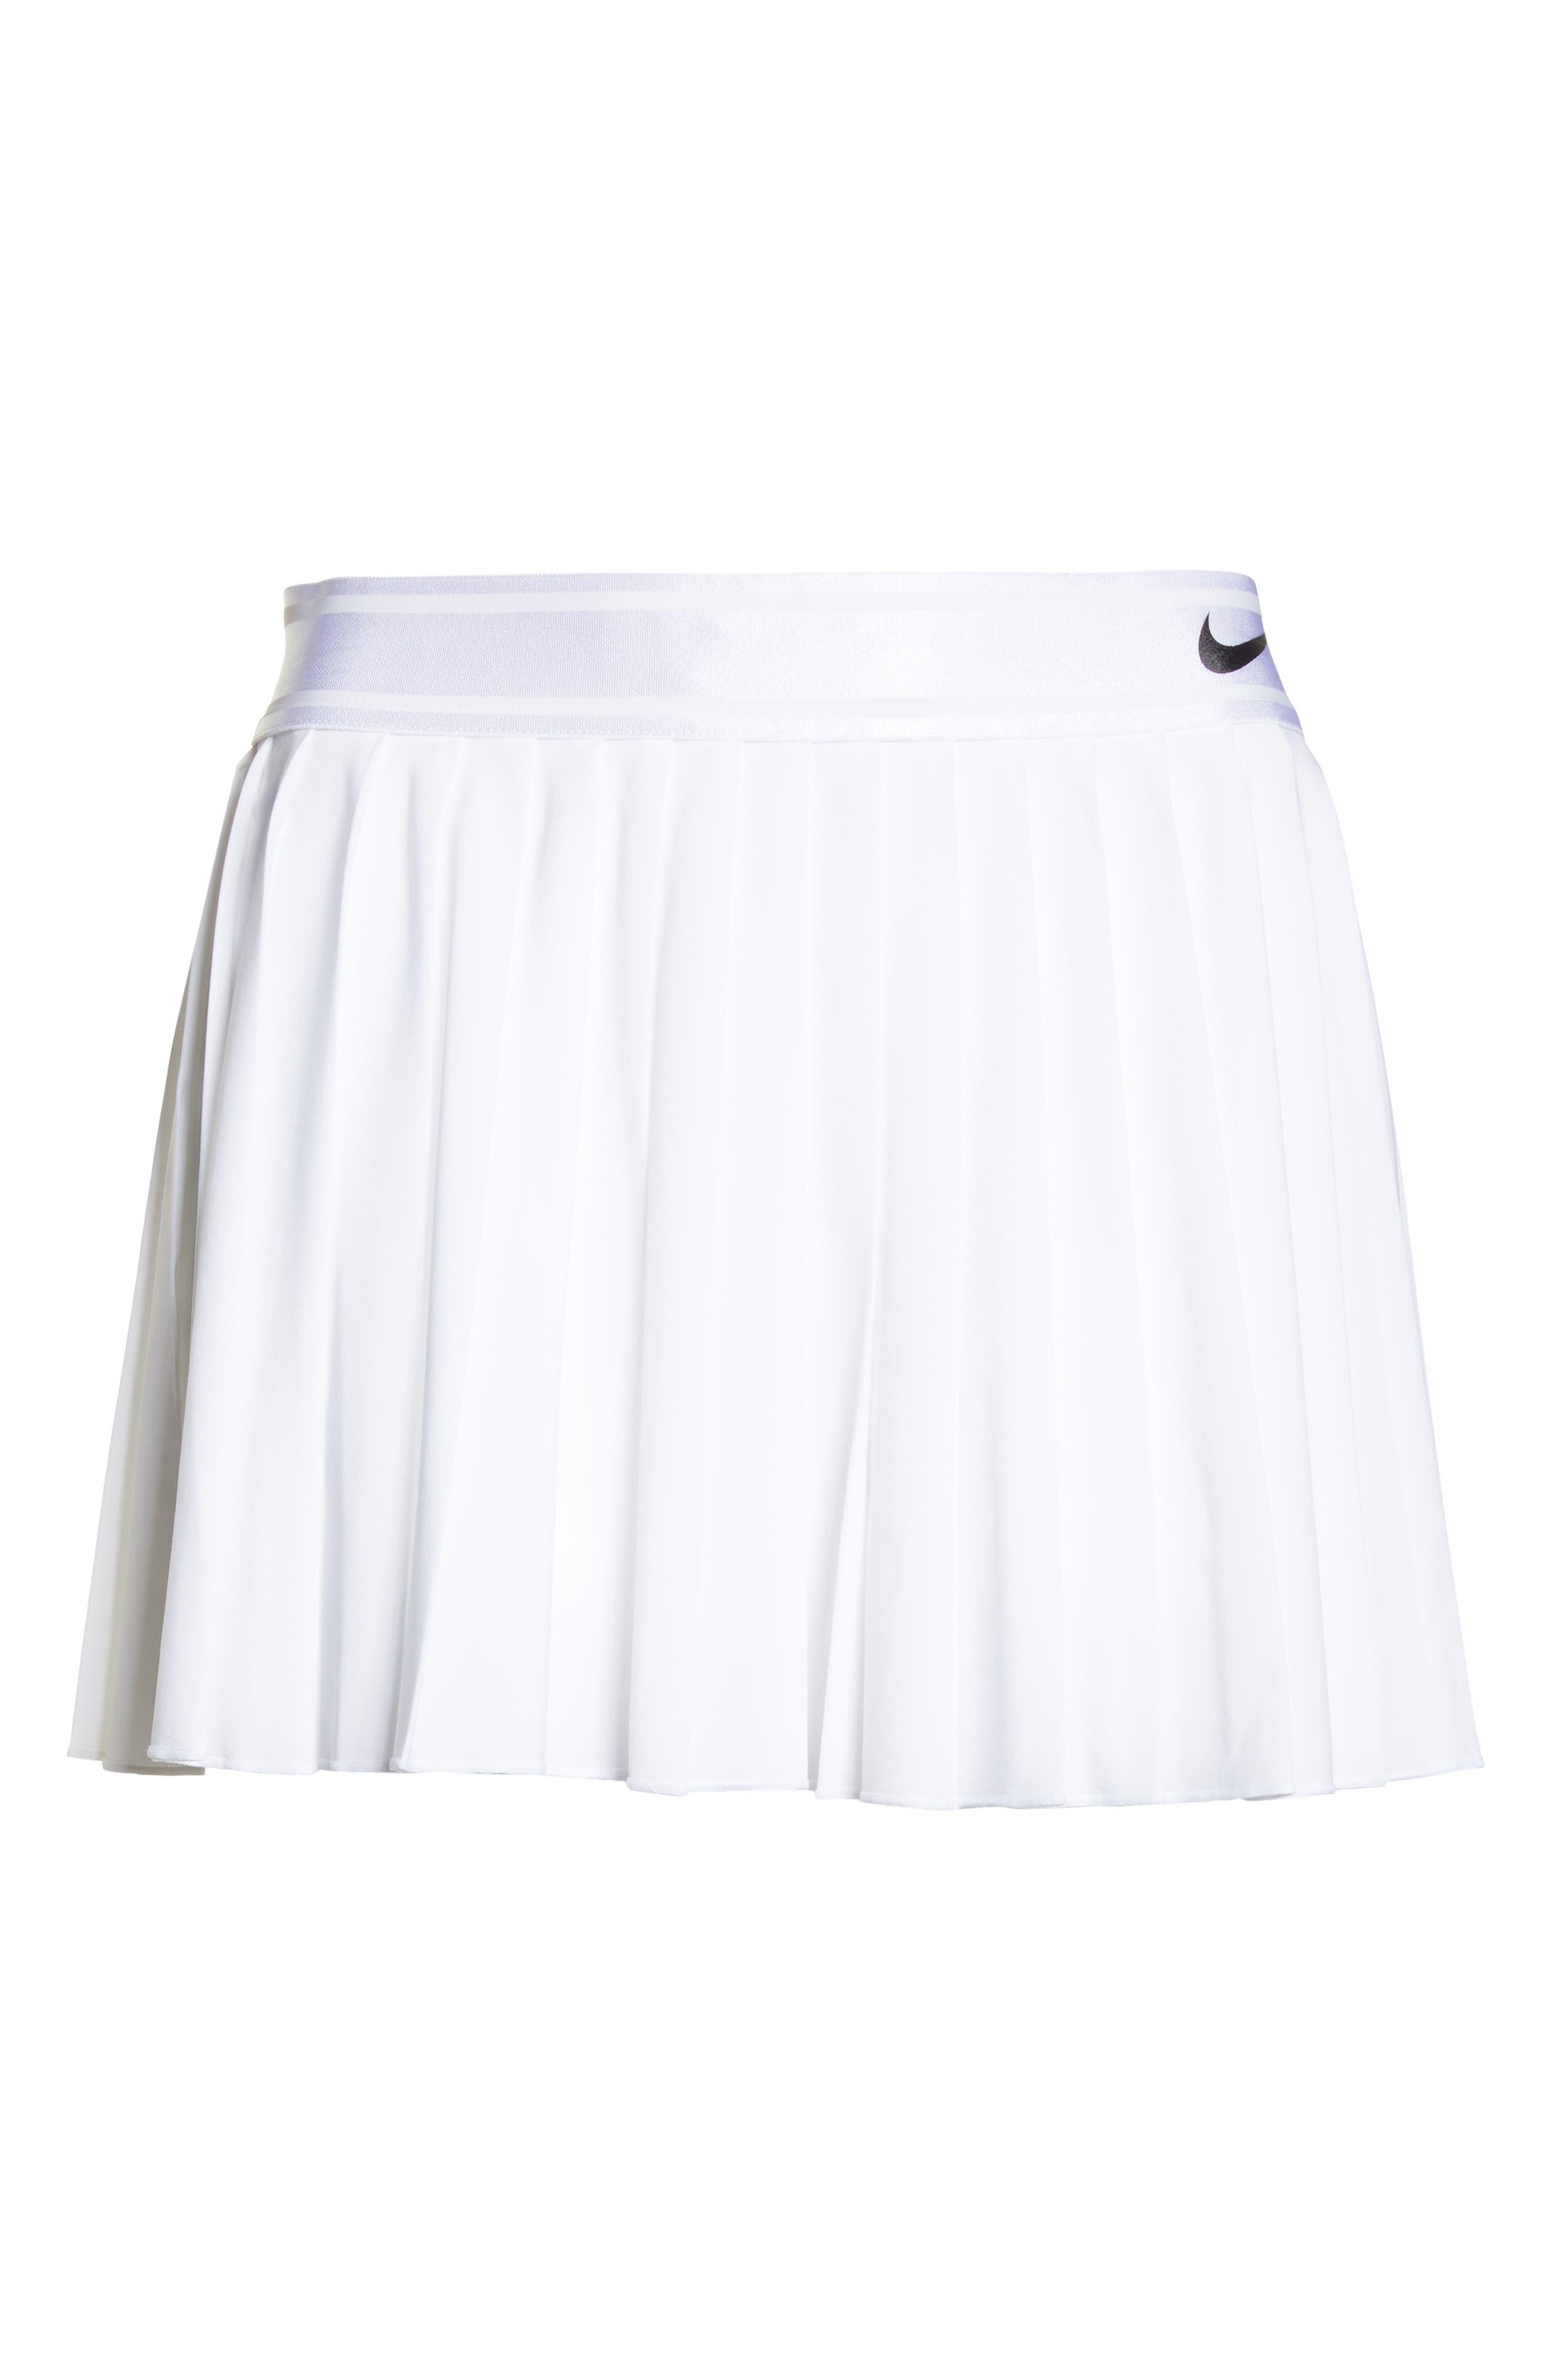 Court Victory Tennis Skirt,                             Alternate thumbnail 7, color,                             WHITE/ BLACK